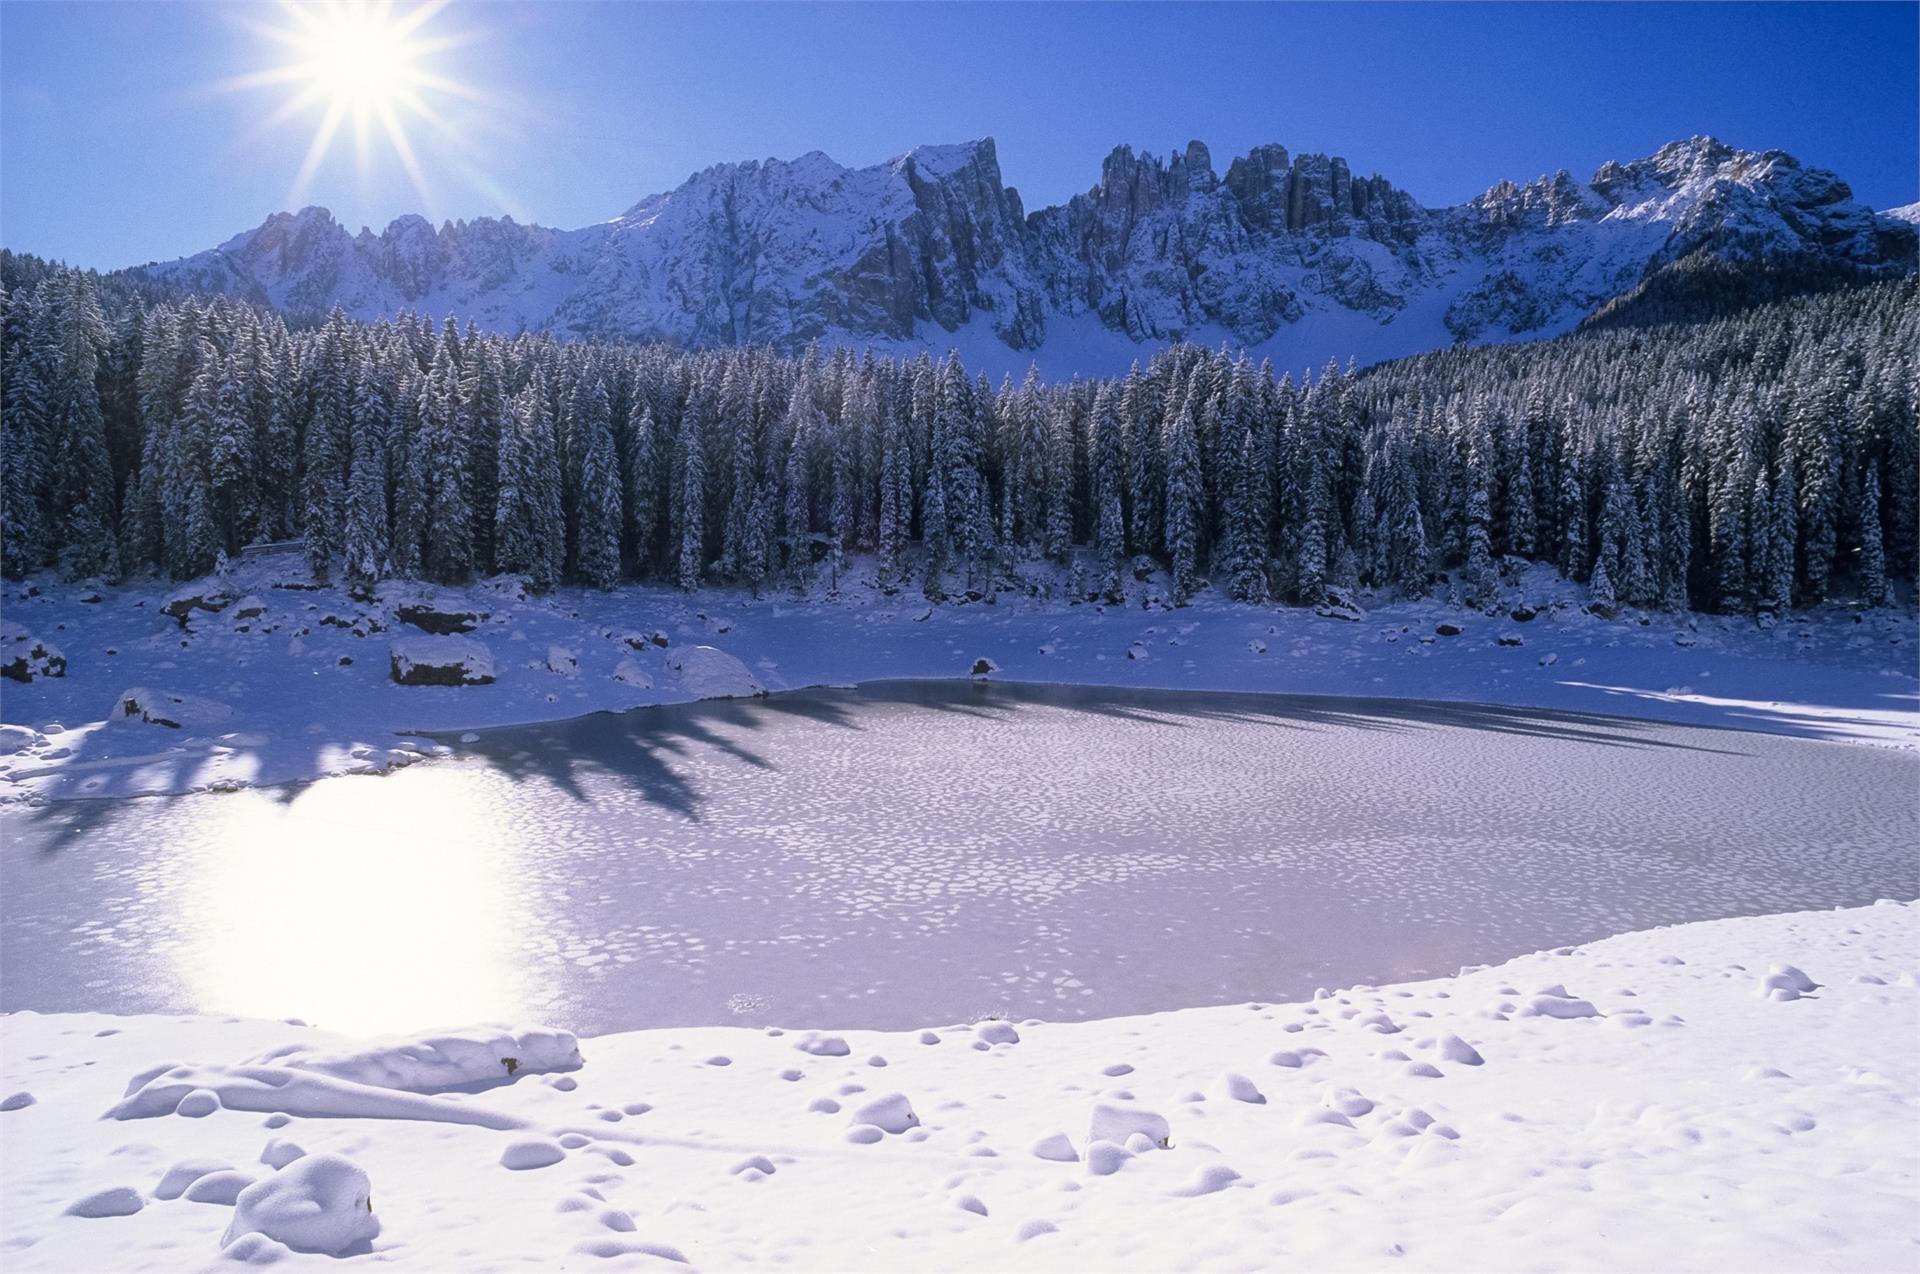 Schneeschuhwanderung vom Karer See auf den Flecker Sam